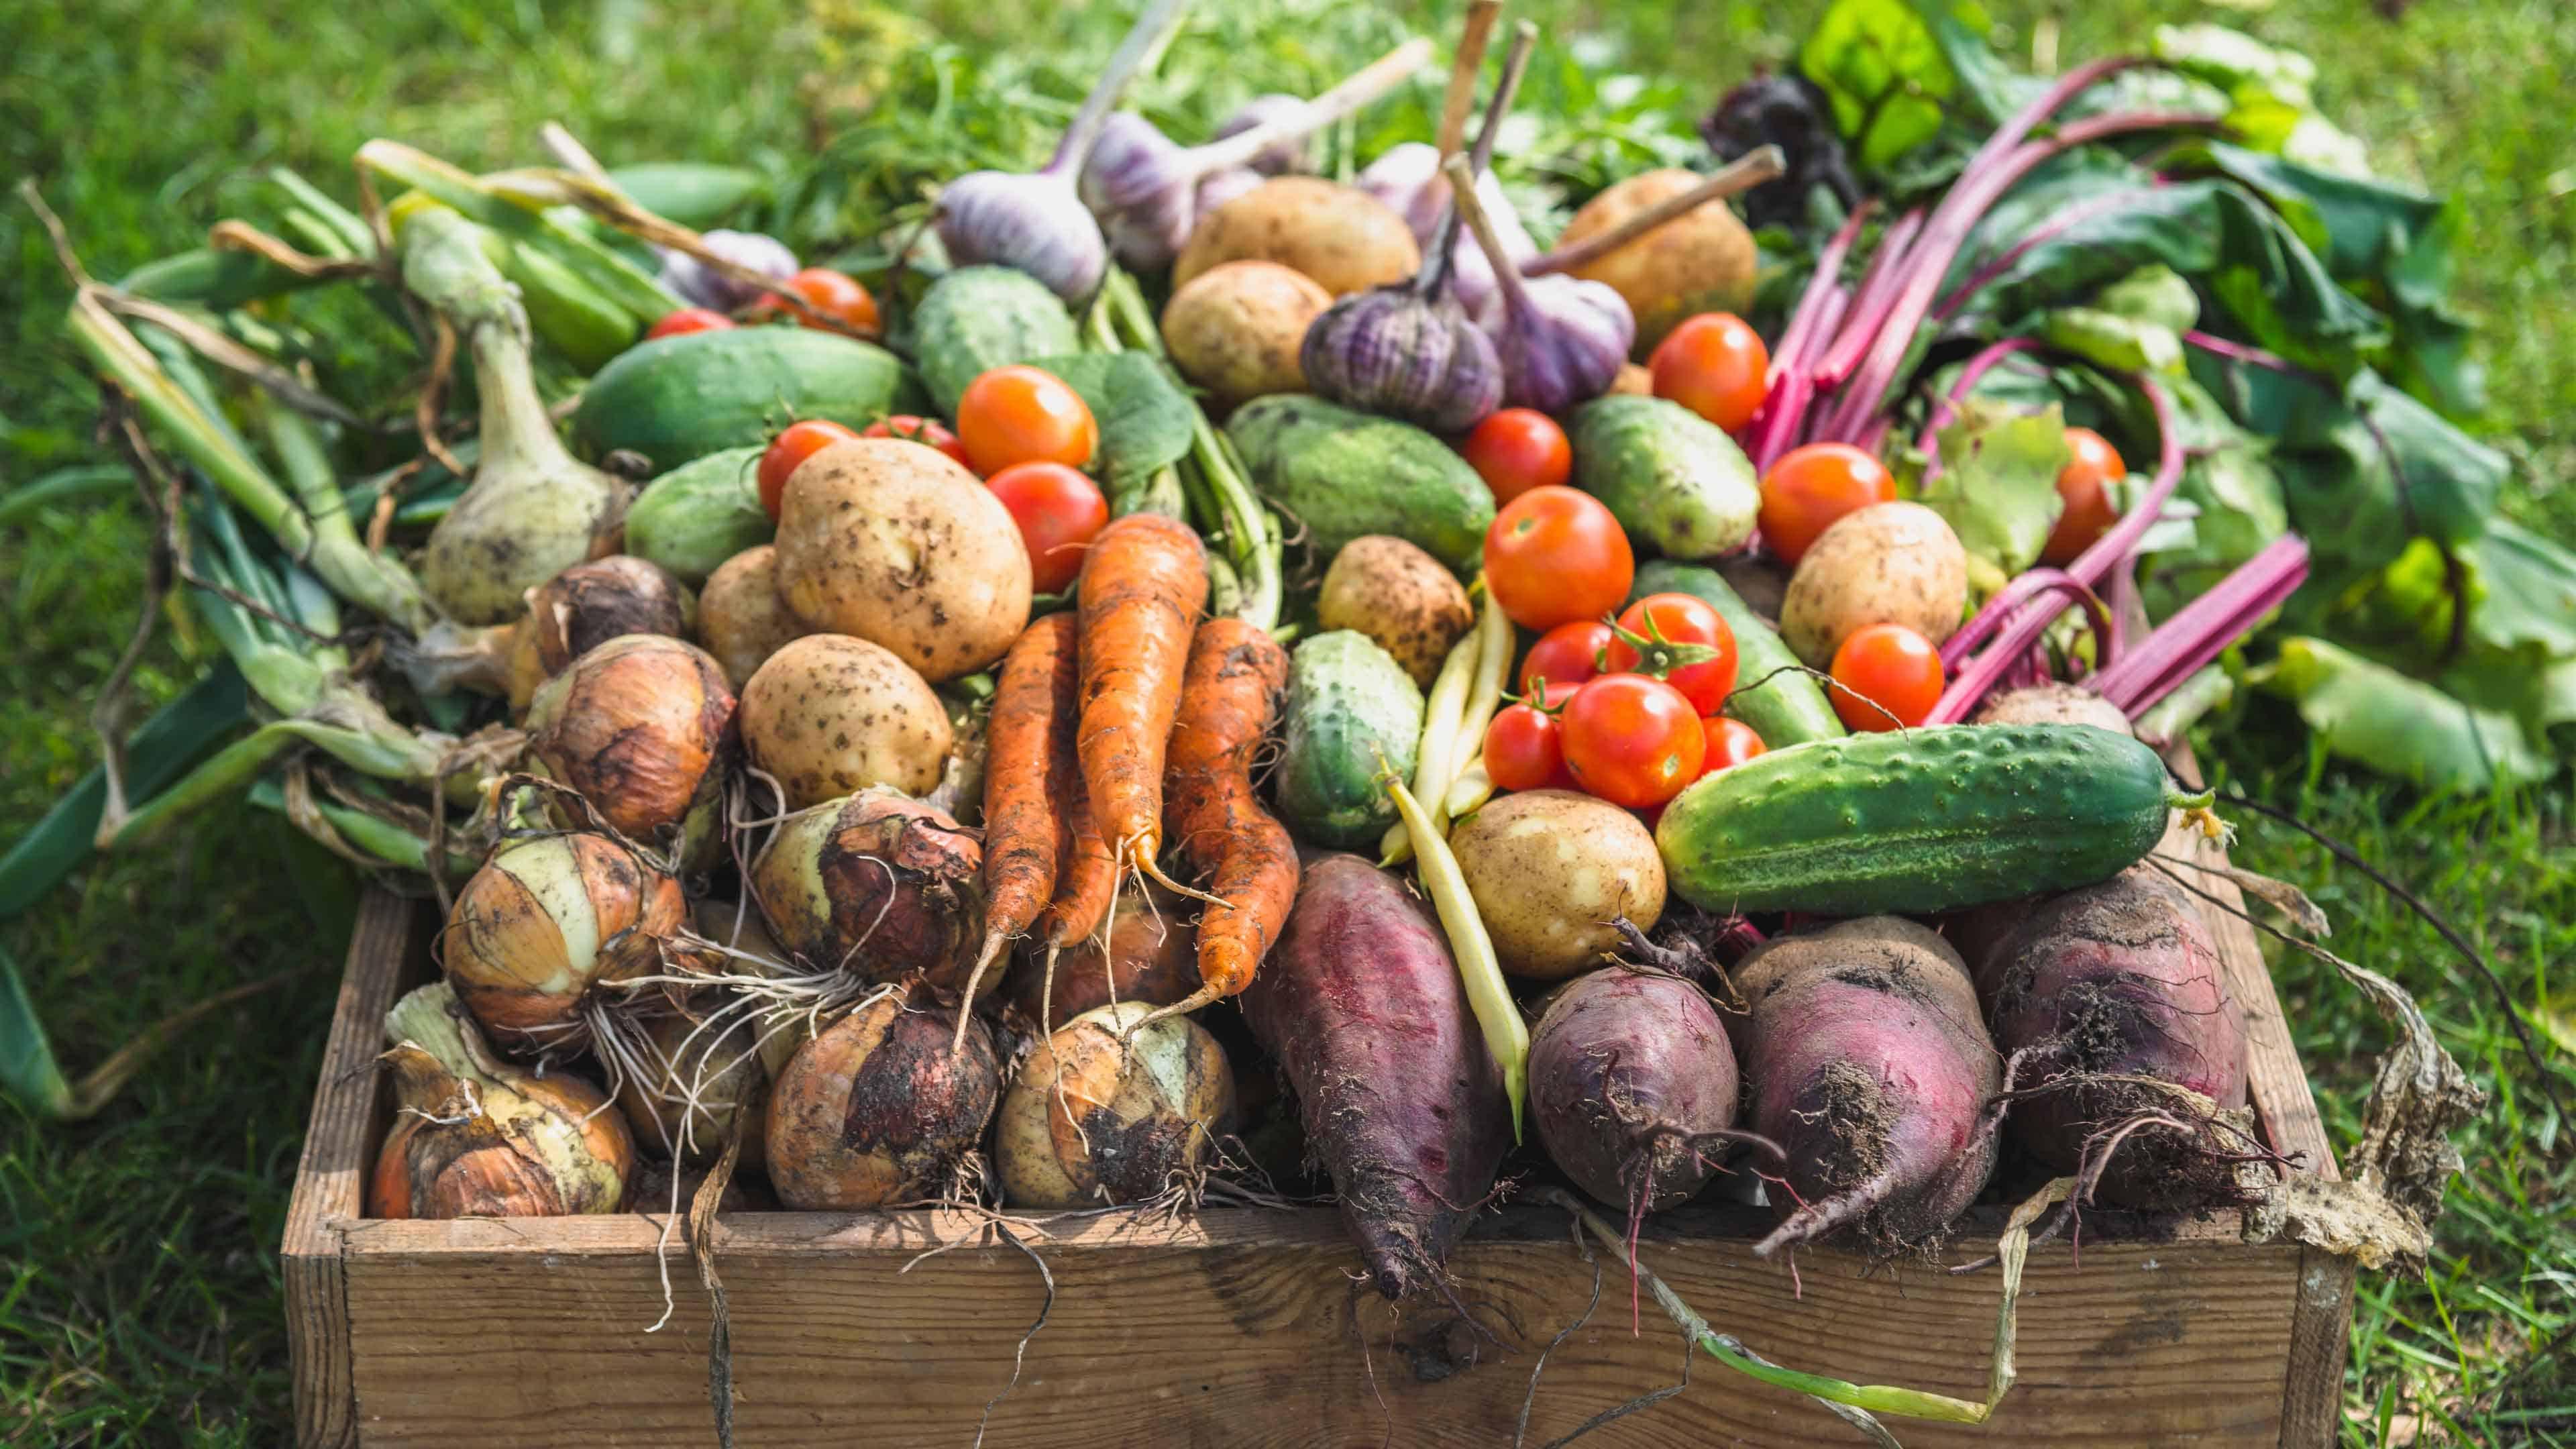 Fall Garden Harvest Recipes